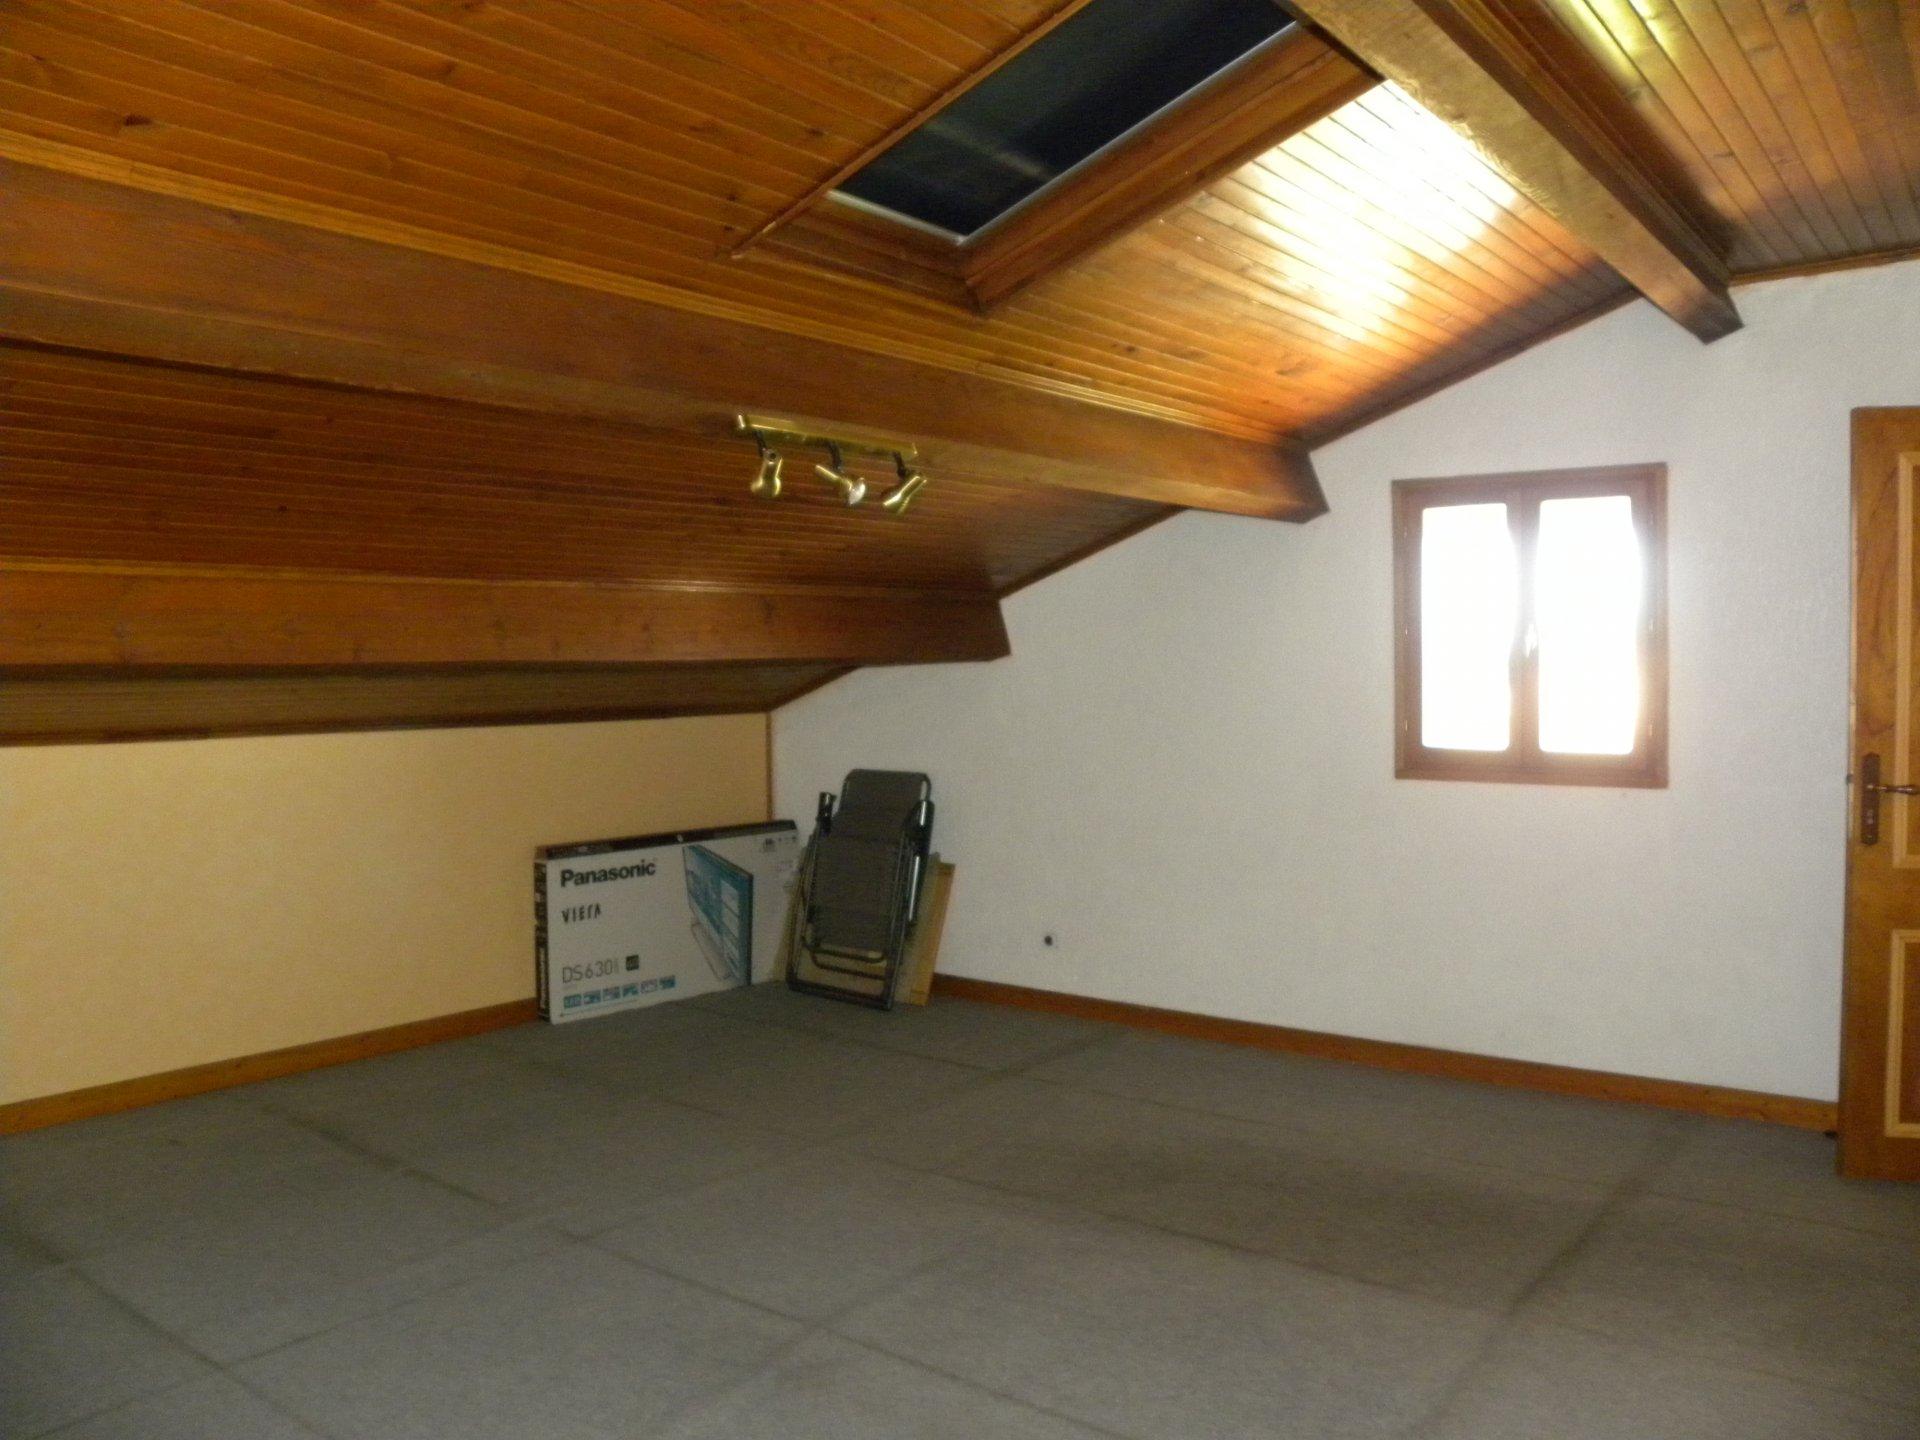 Maison traditionnelle bel emplacement